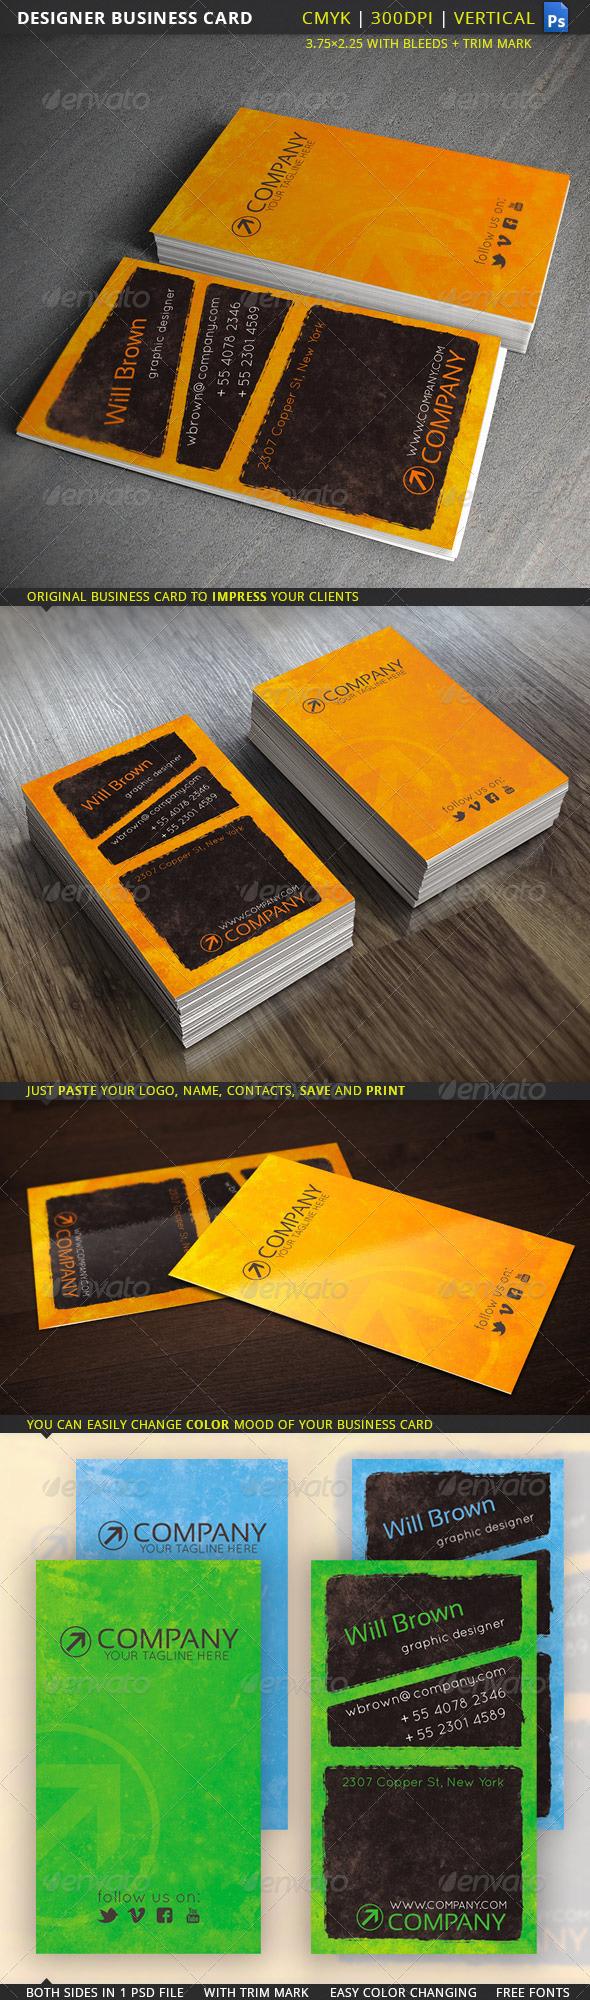 GraphicRiver Designer Business Card 5468182